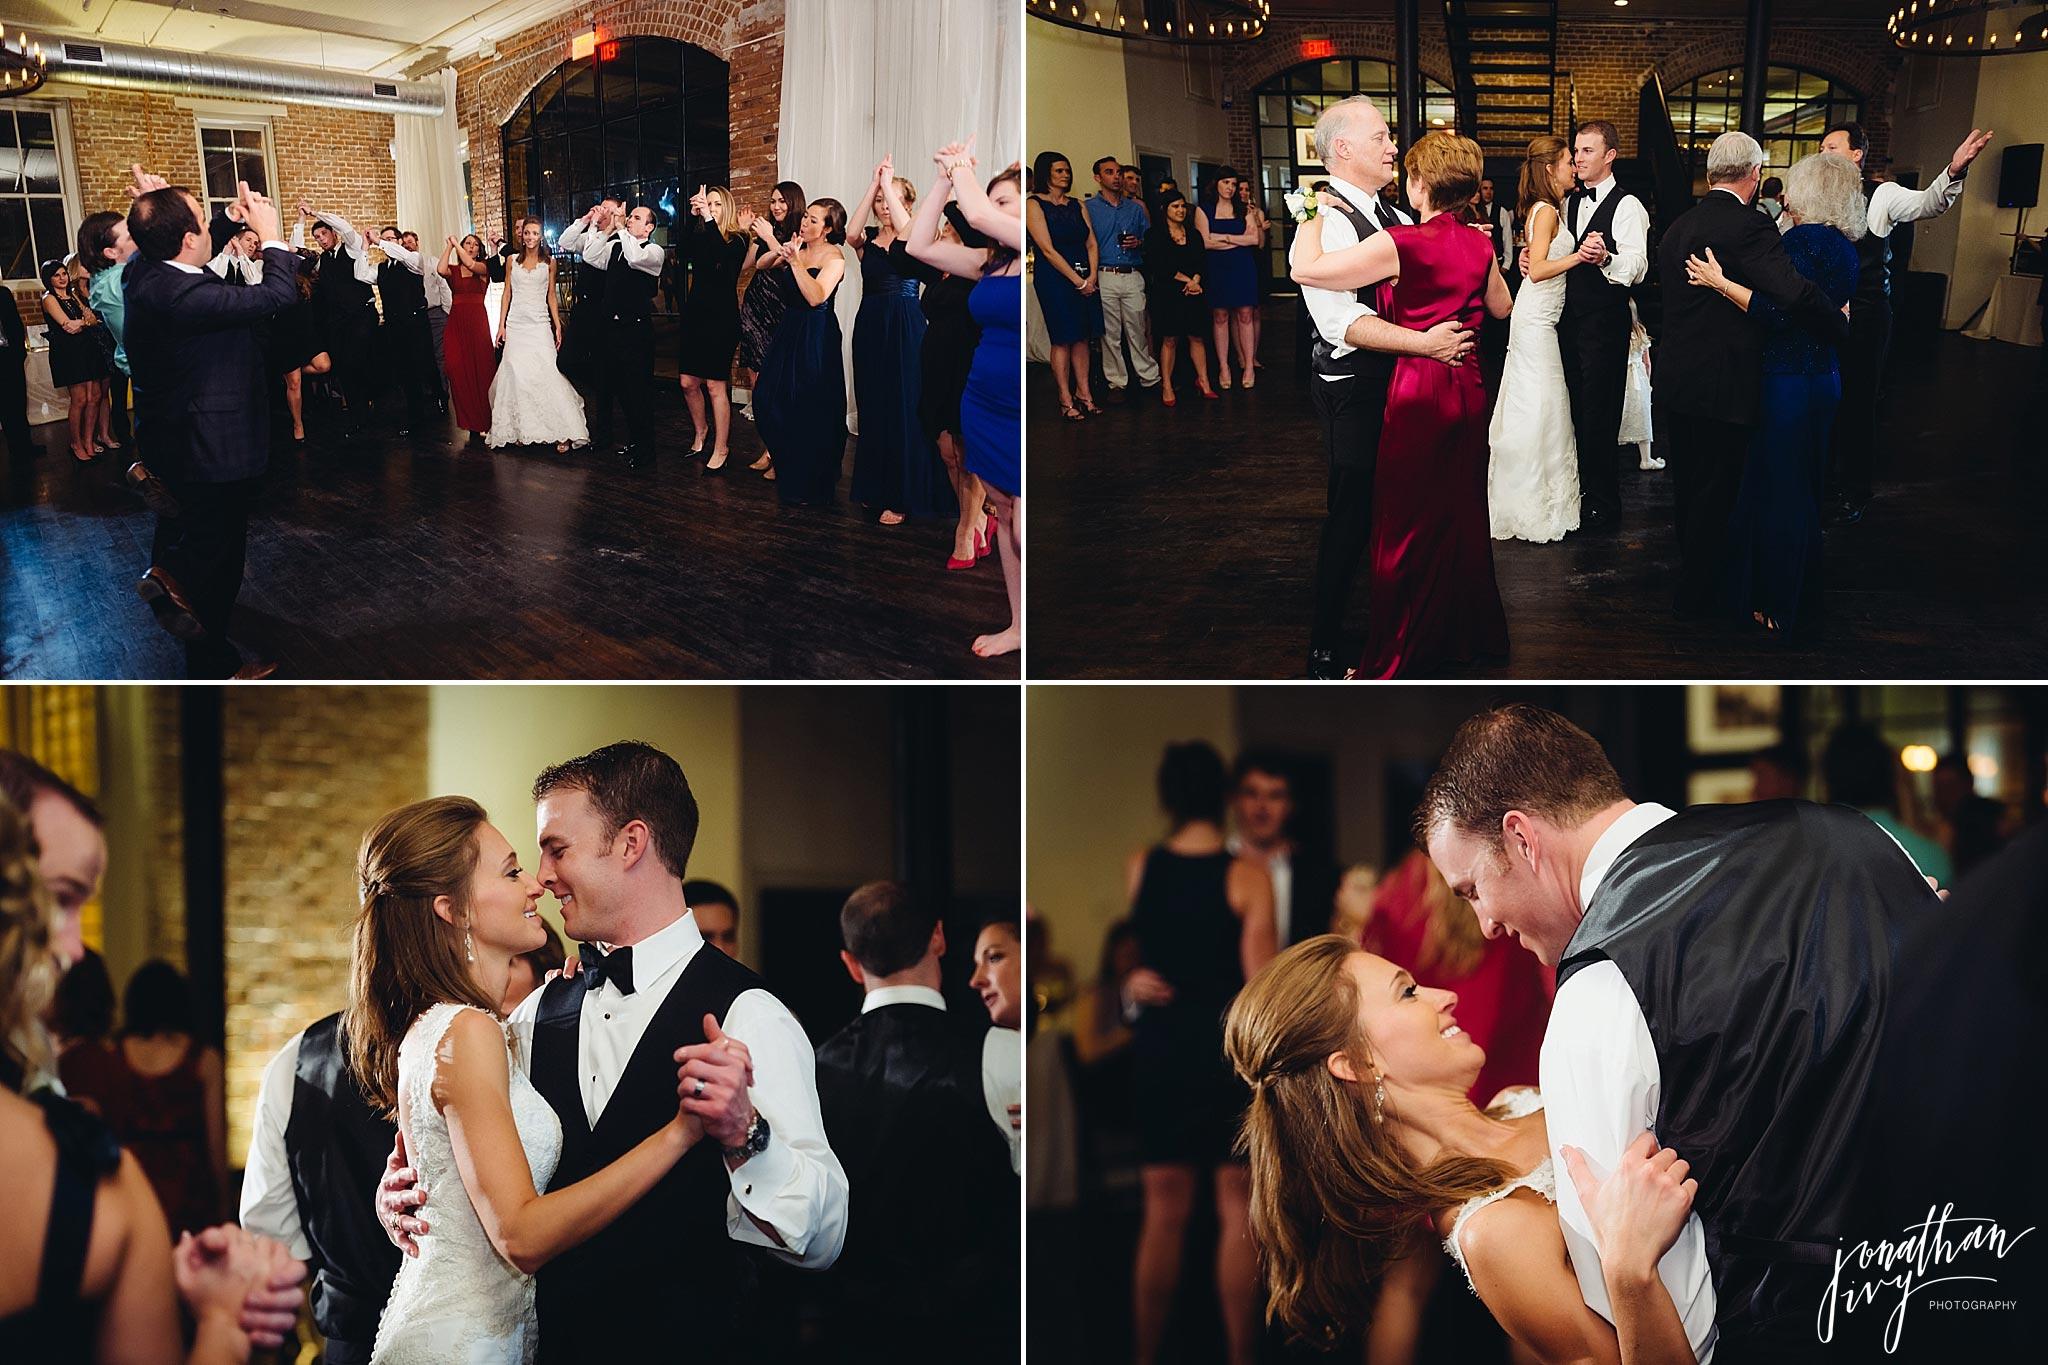 Dancing at station 3 wedding